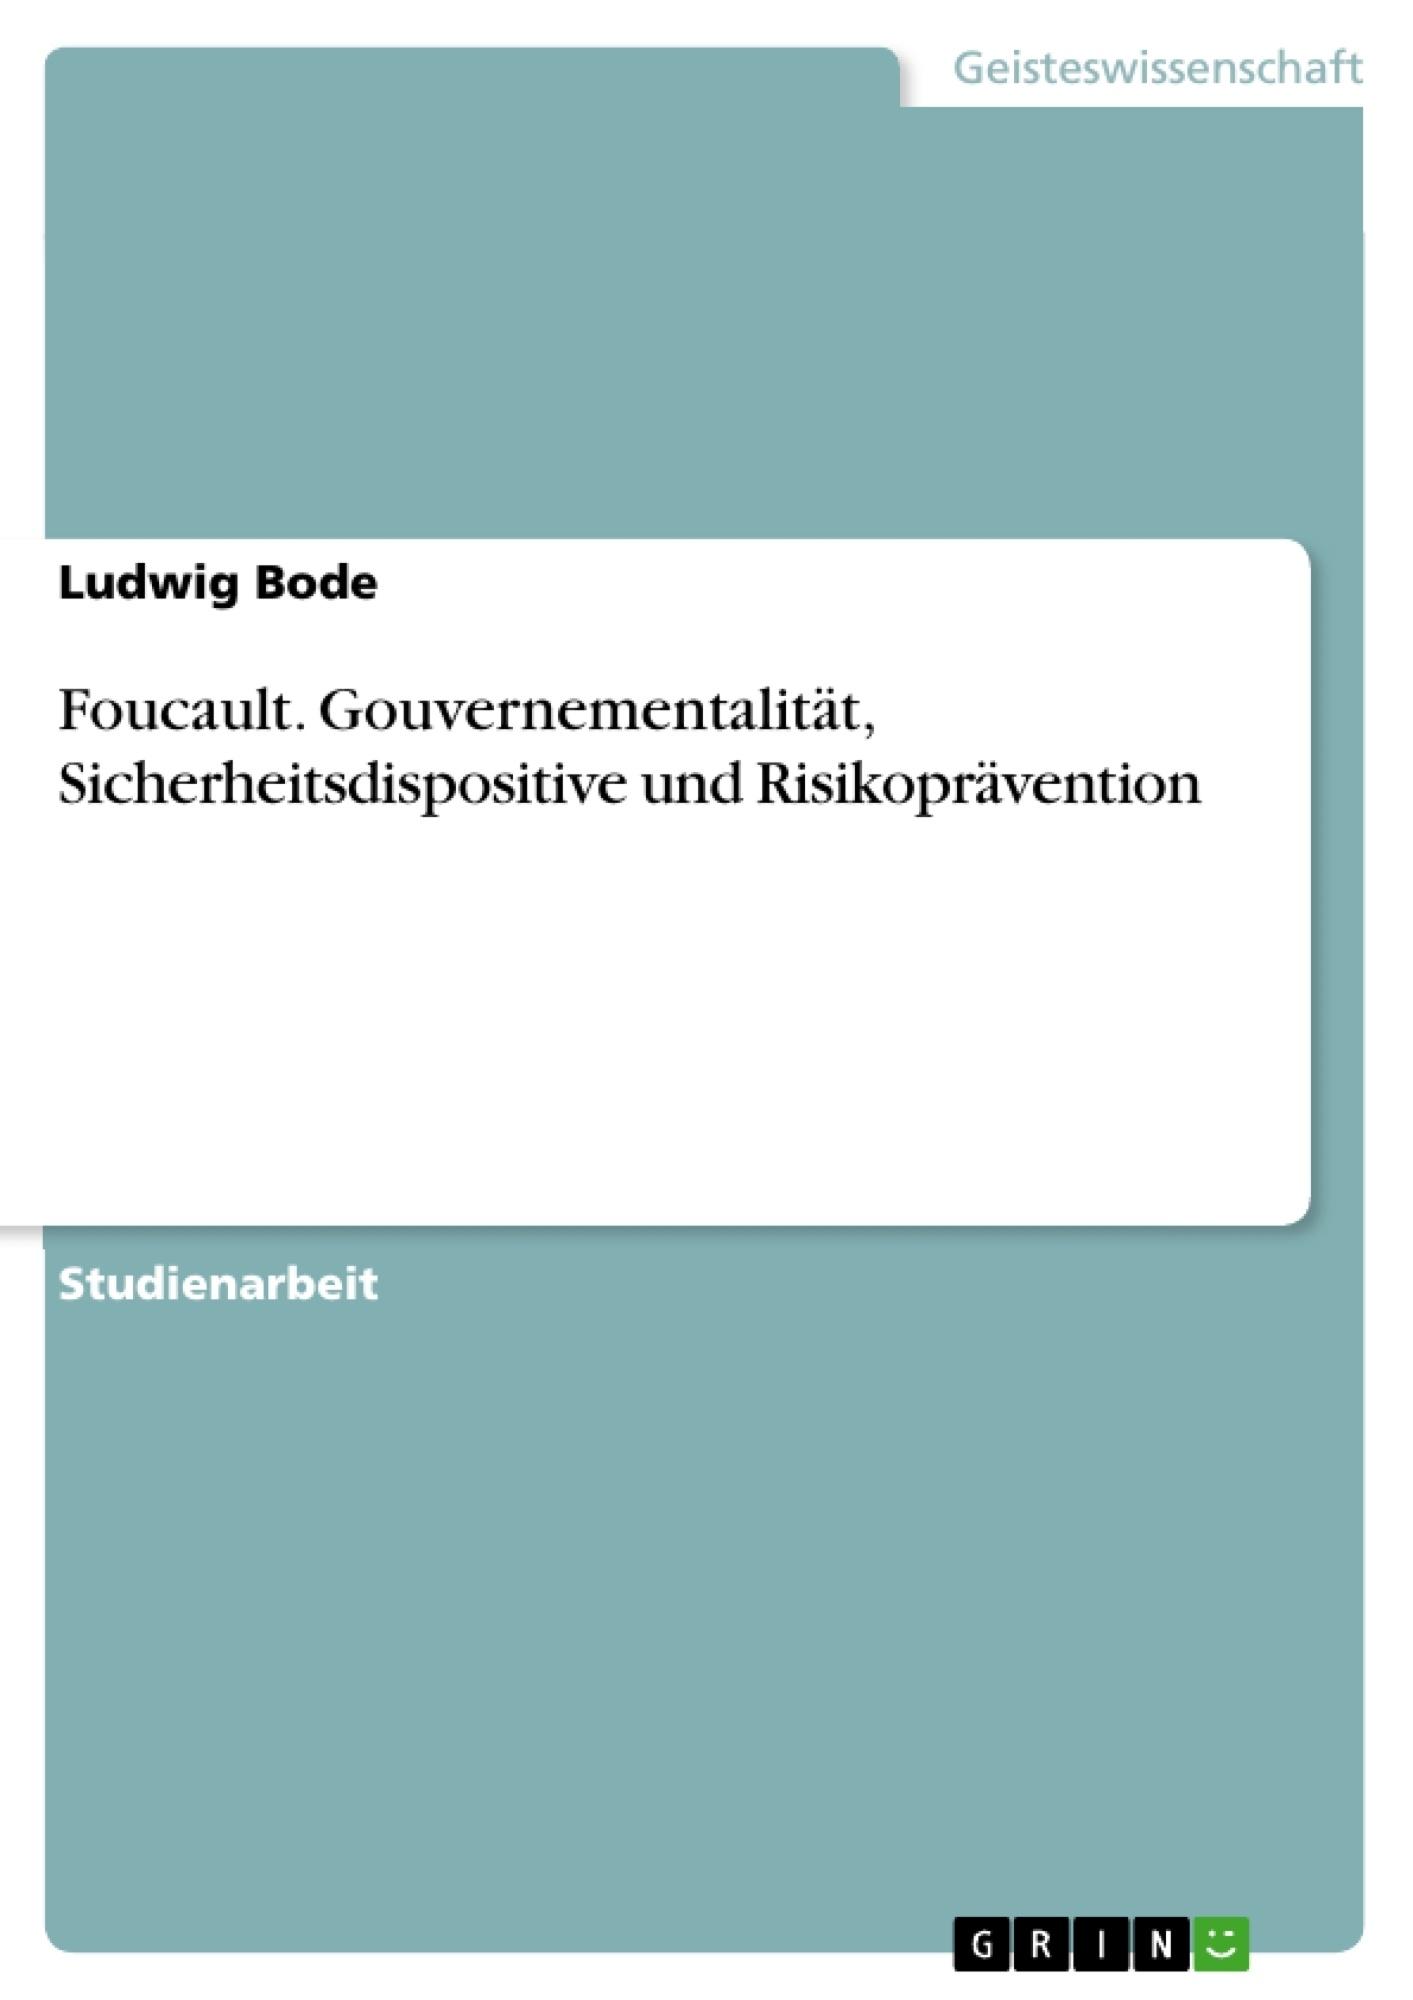 Titel: Foucault. Gouvernementalität, Sicherheitsdispositive und Risikoprävention